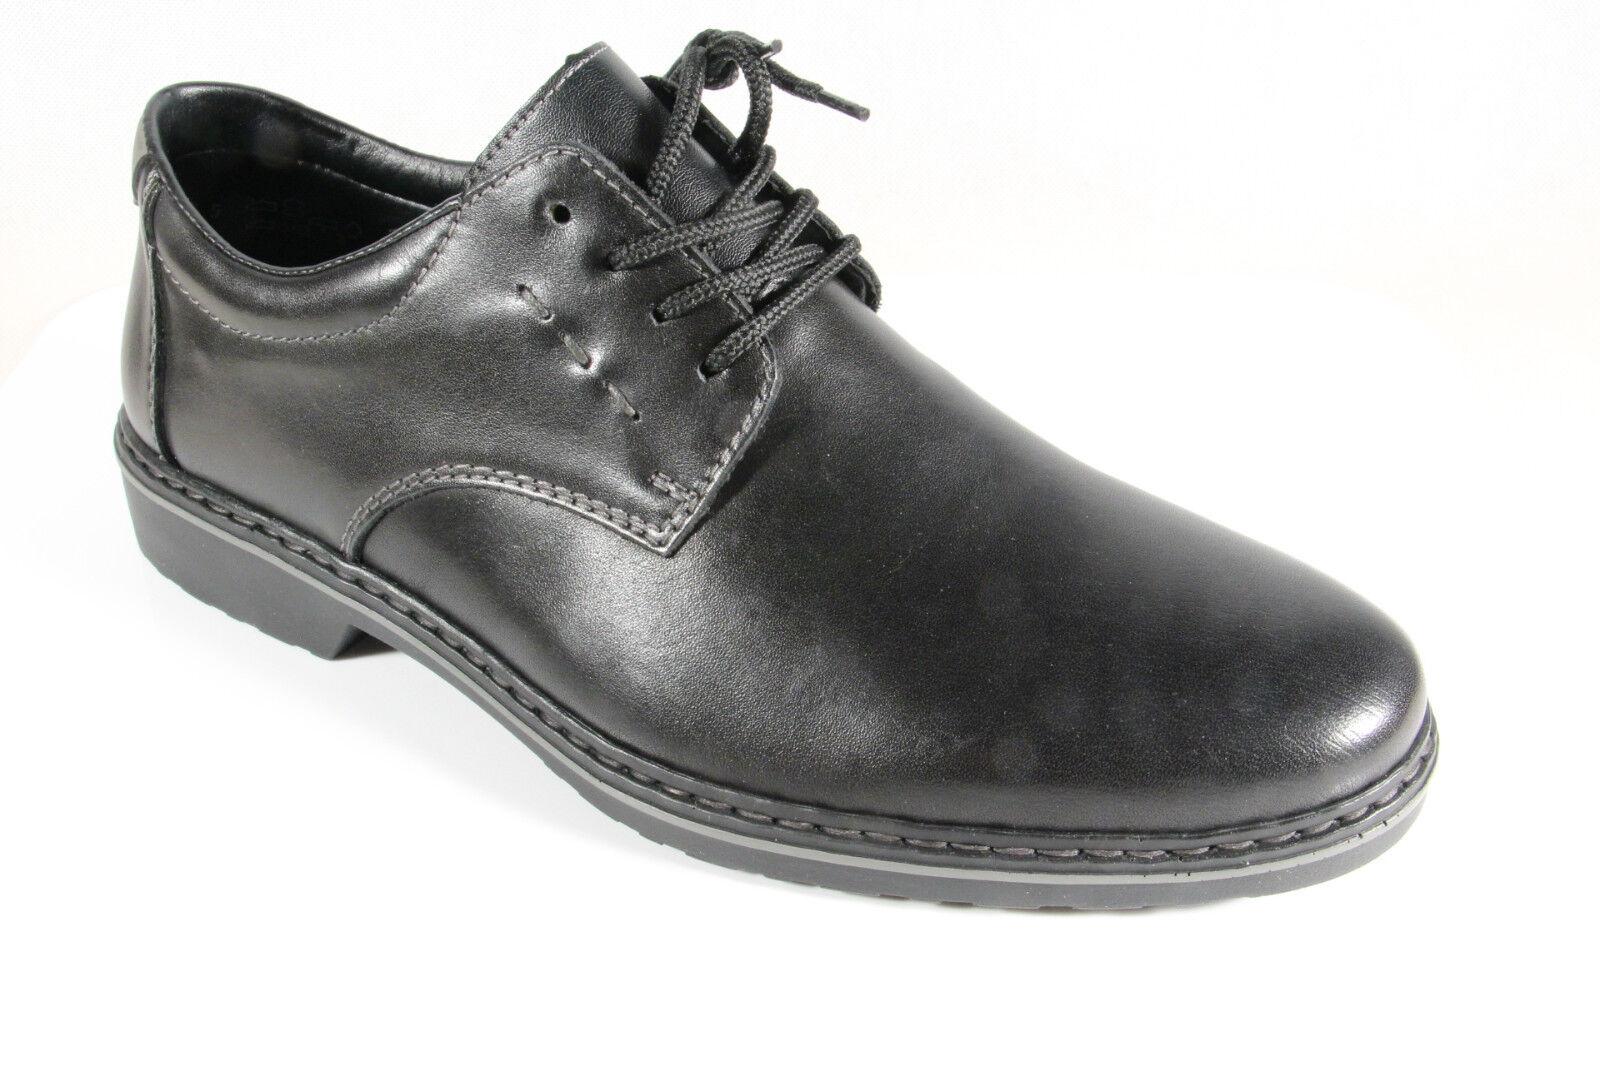 Rieker zapatos    Bajos Estilo Pantuflas de Cordones Negro, Cuero Auténtico 16502 e5ad4e